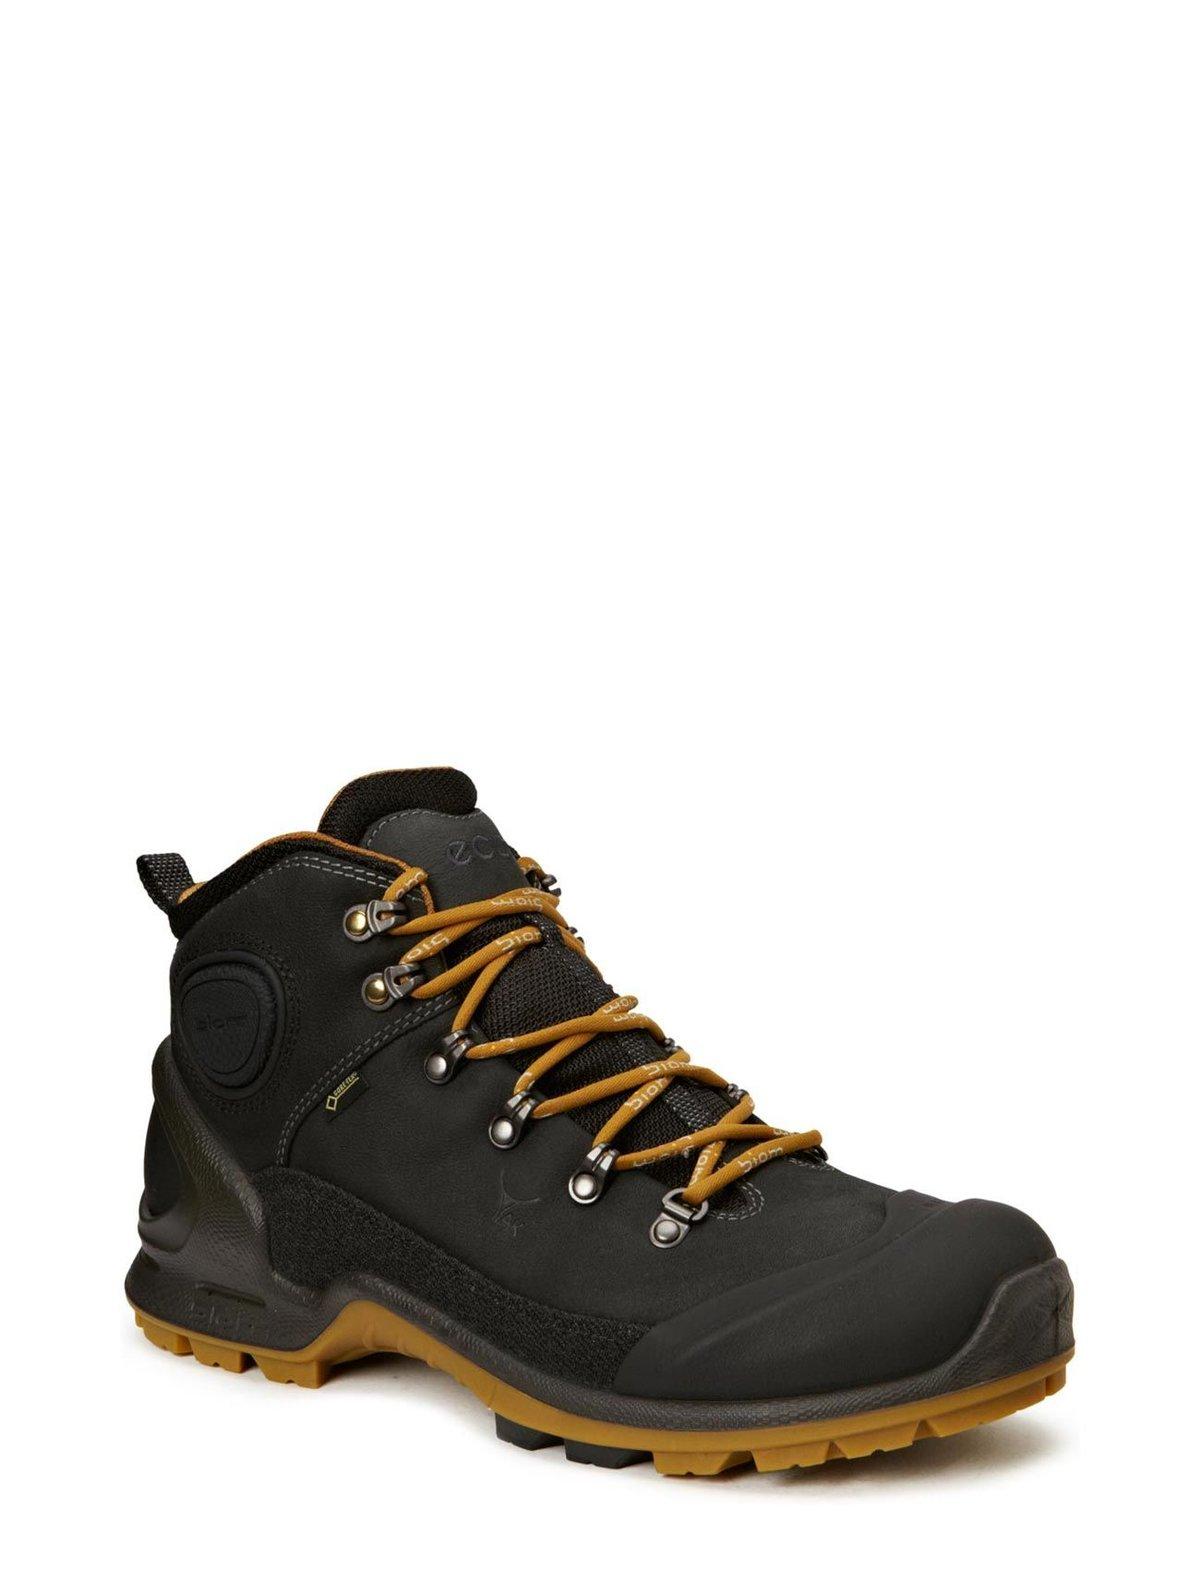 Кроссовки ECCO Biom Terrain зимние. Купить Ботинки в интернет магазине  Перейти на официальный сайт производителя 9f78cfd9e4db2